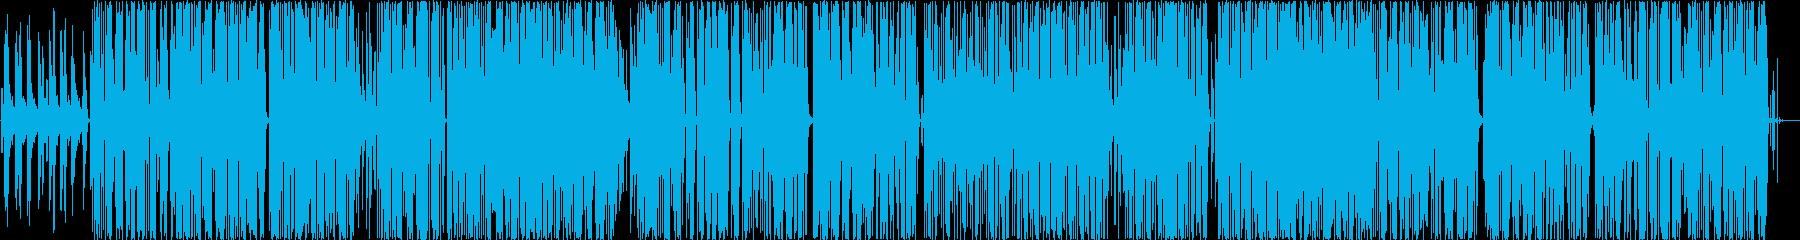 オシャレBGMですの再生済みの波形